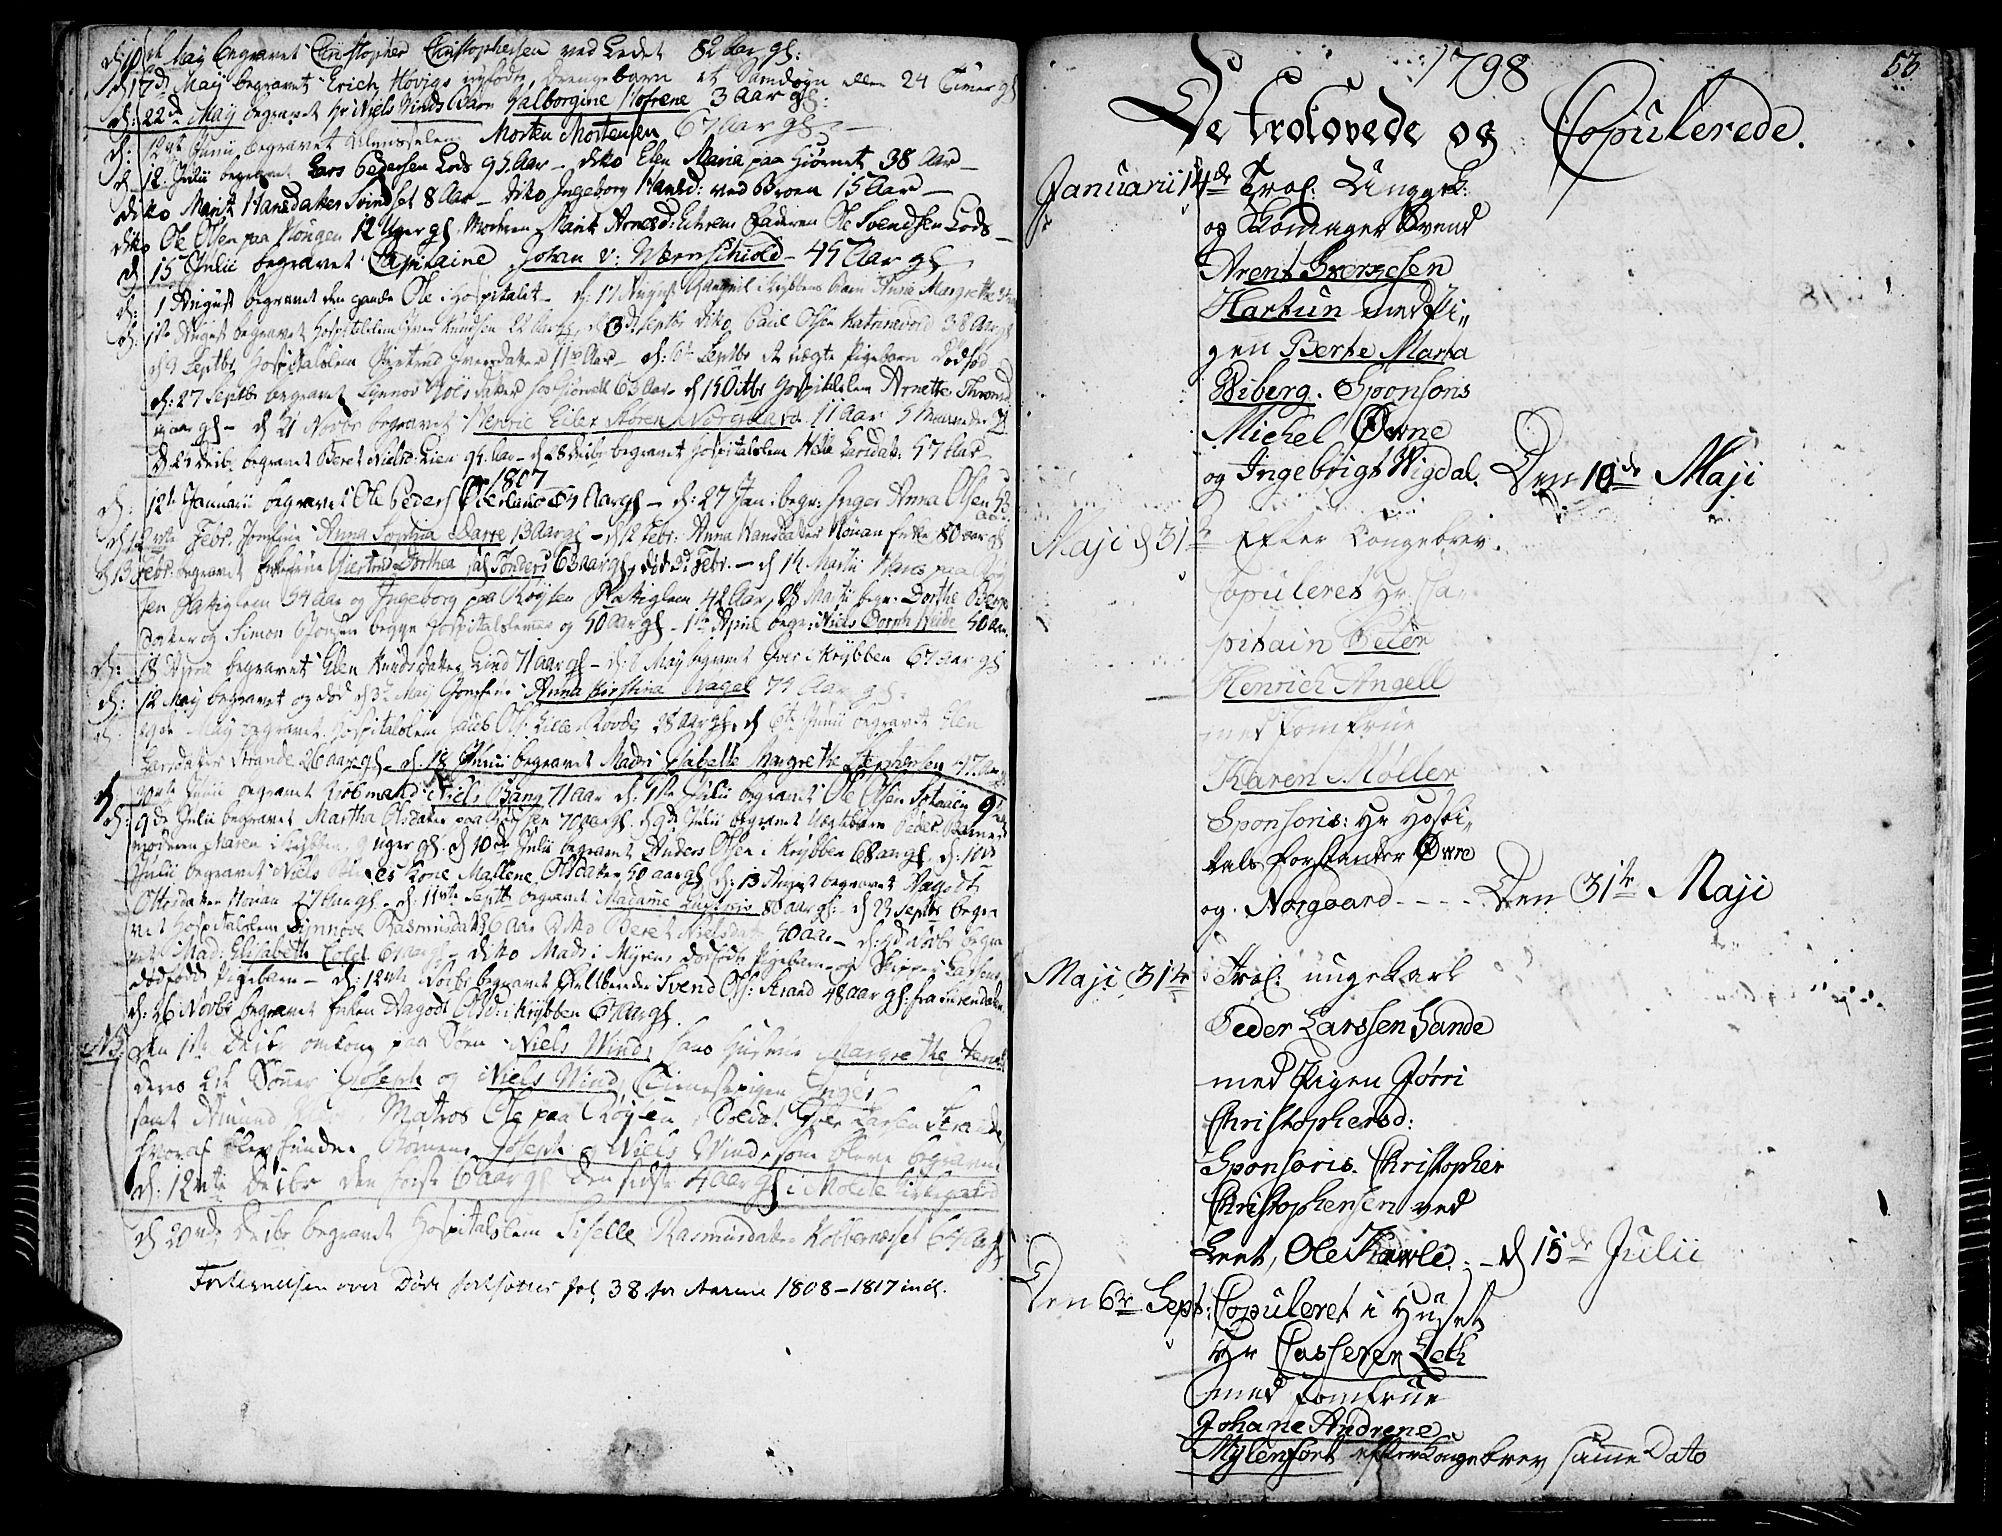 SAT, Ministerialprotokoller, klokkerbøker og fødselsregistre - Møre og Romsdal, 558/L0687: Ministerialbok nr. 558A01, 1798-1818, s. 53